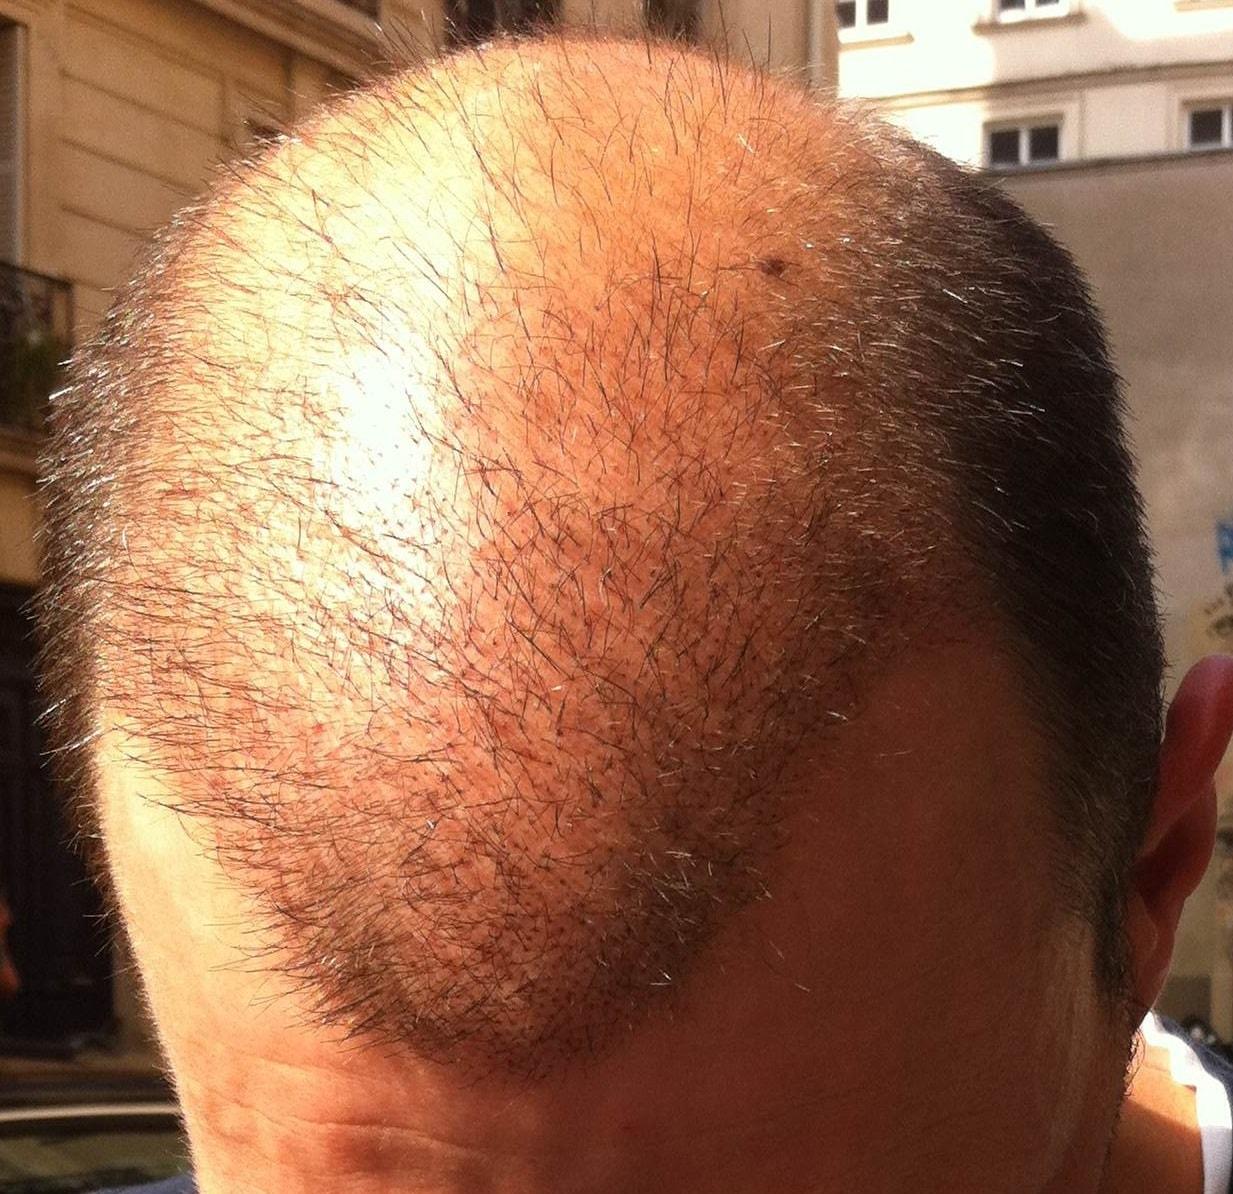 3 semaines apres greffe de cheveux